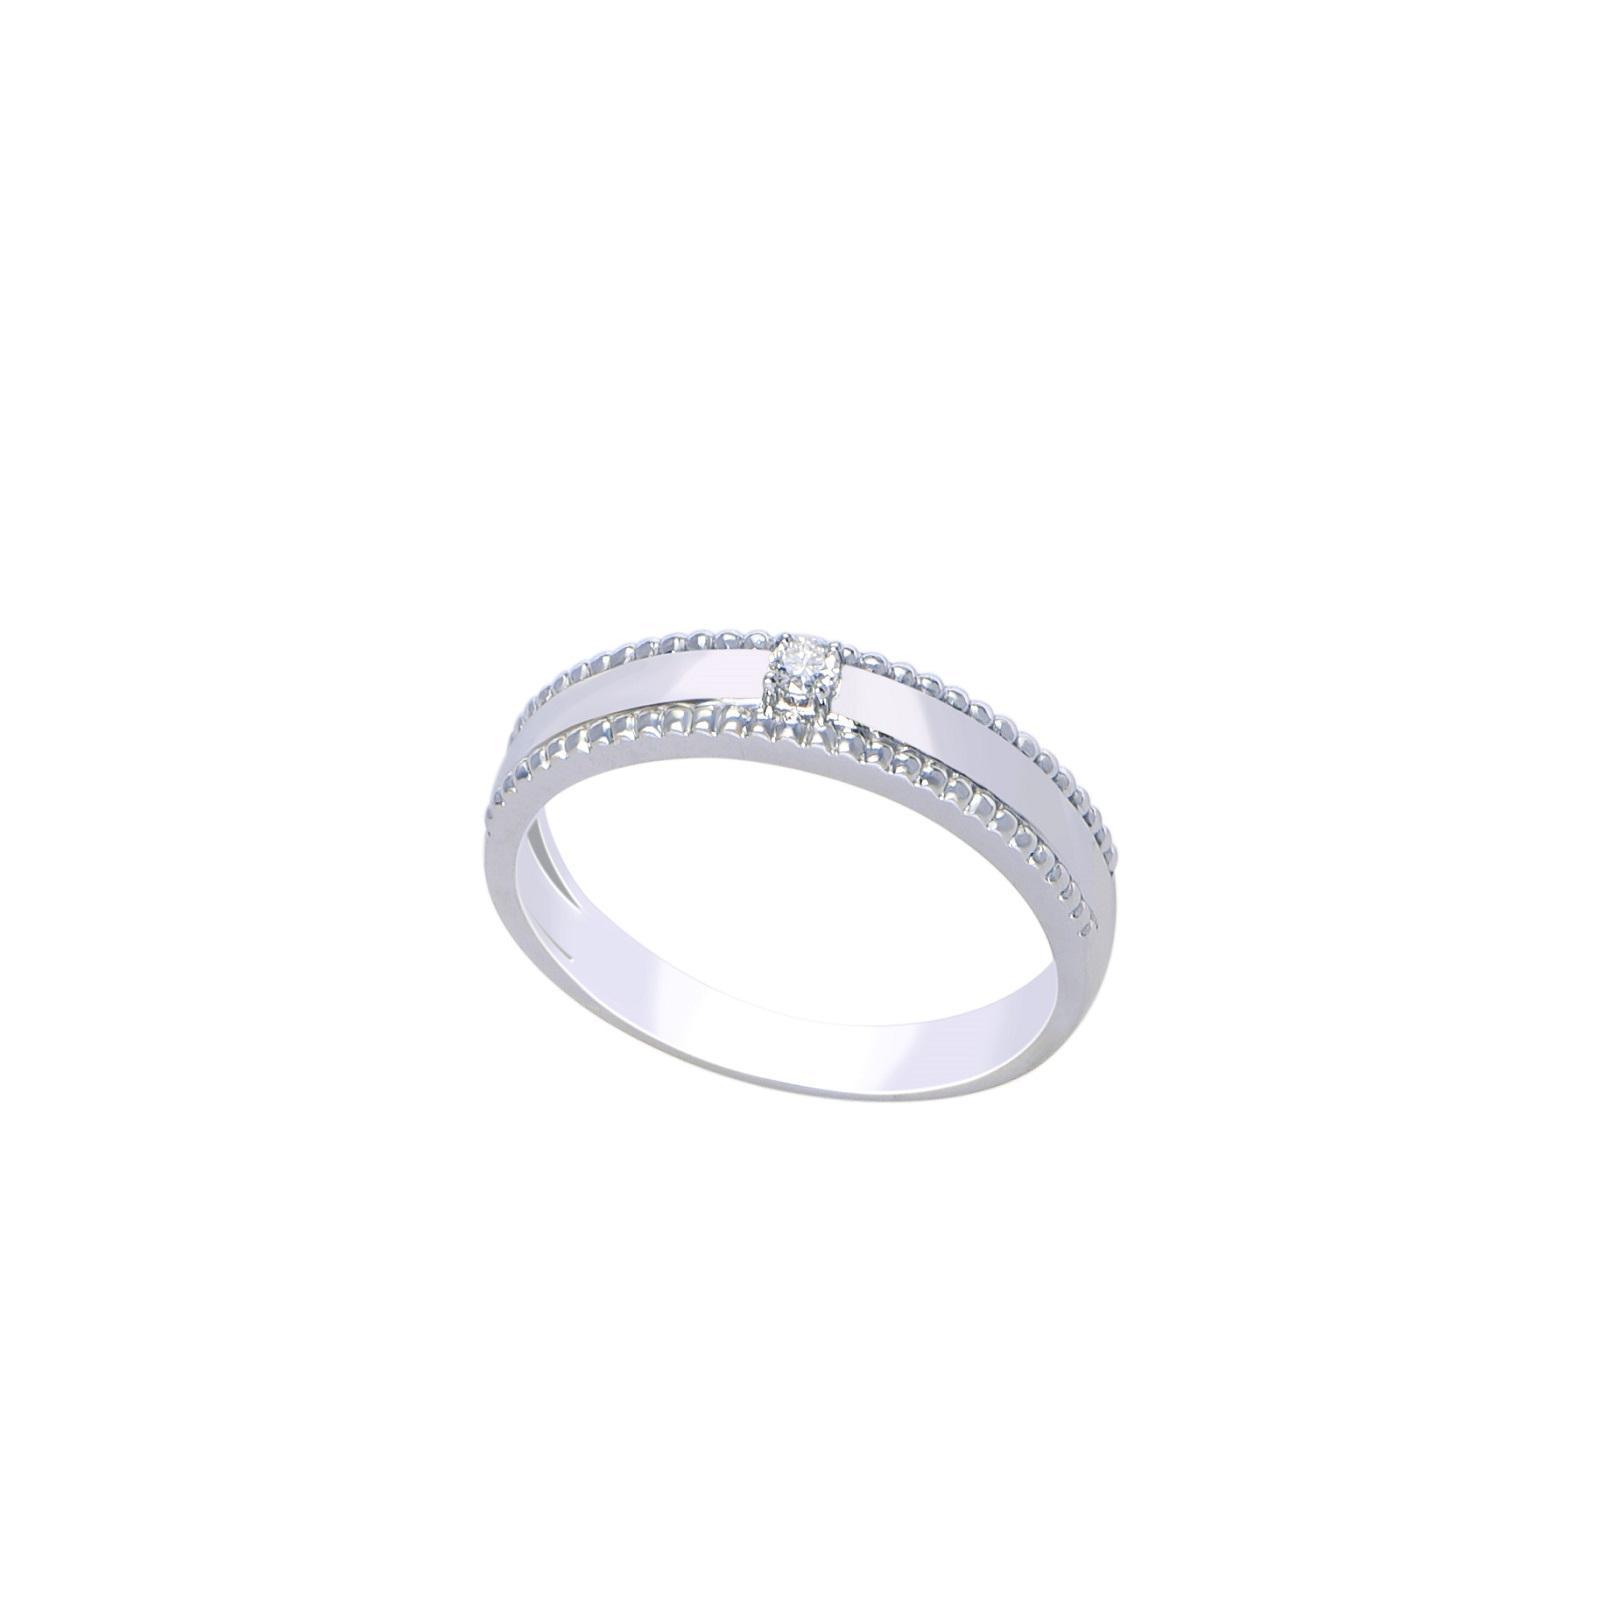 Nhẫn cưới Kim cương nữ 21Q.008NC